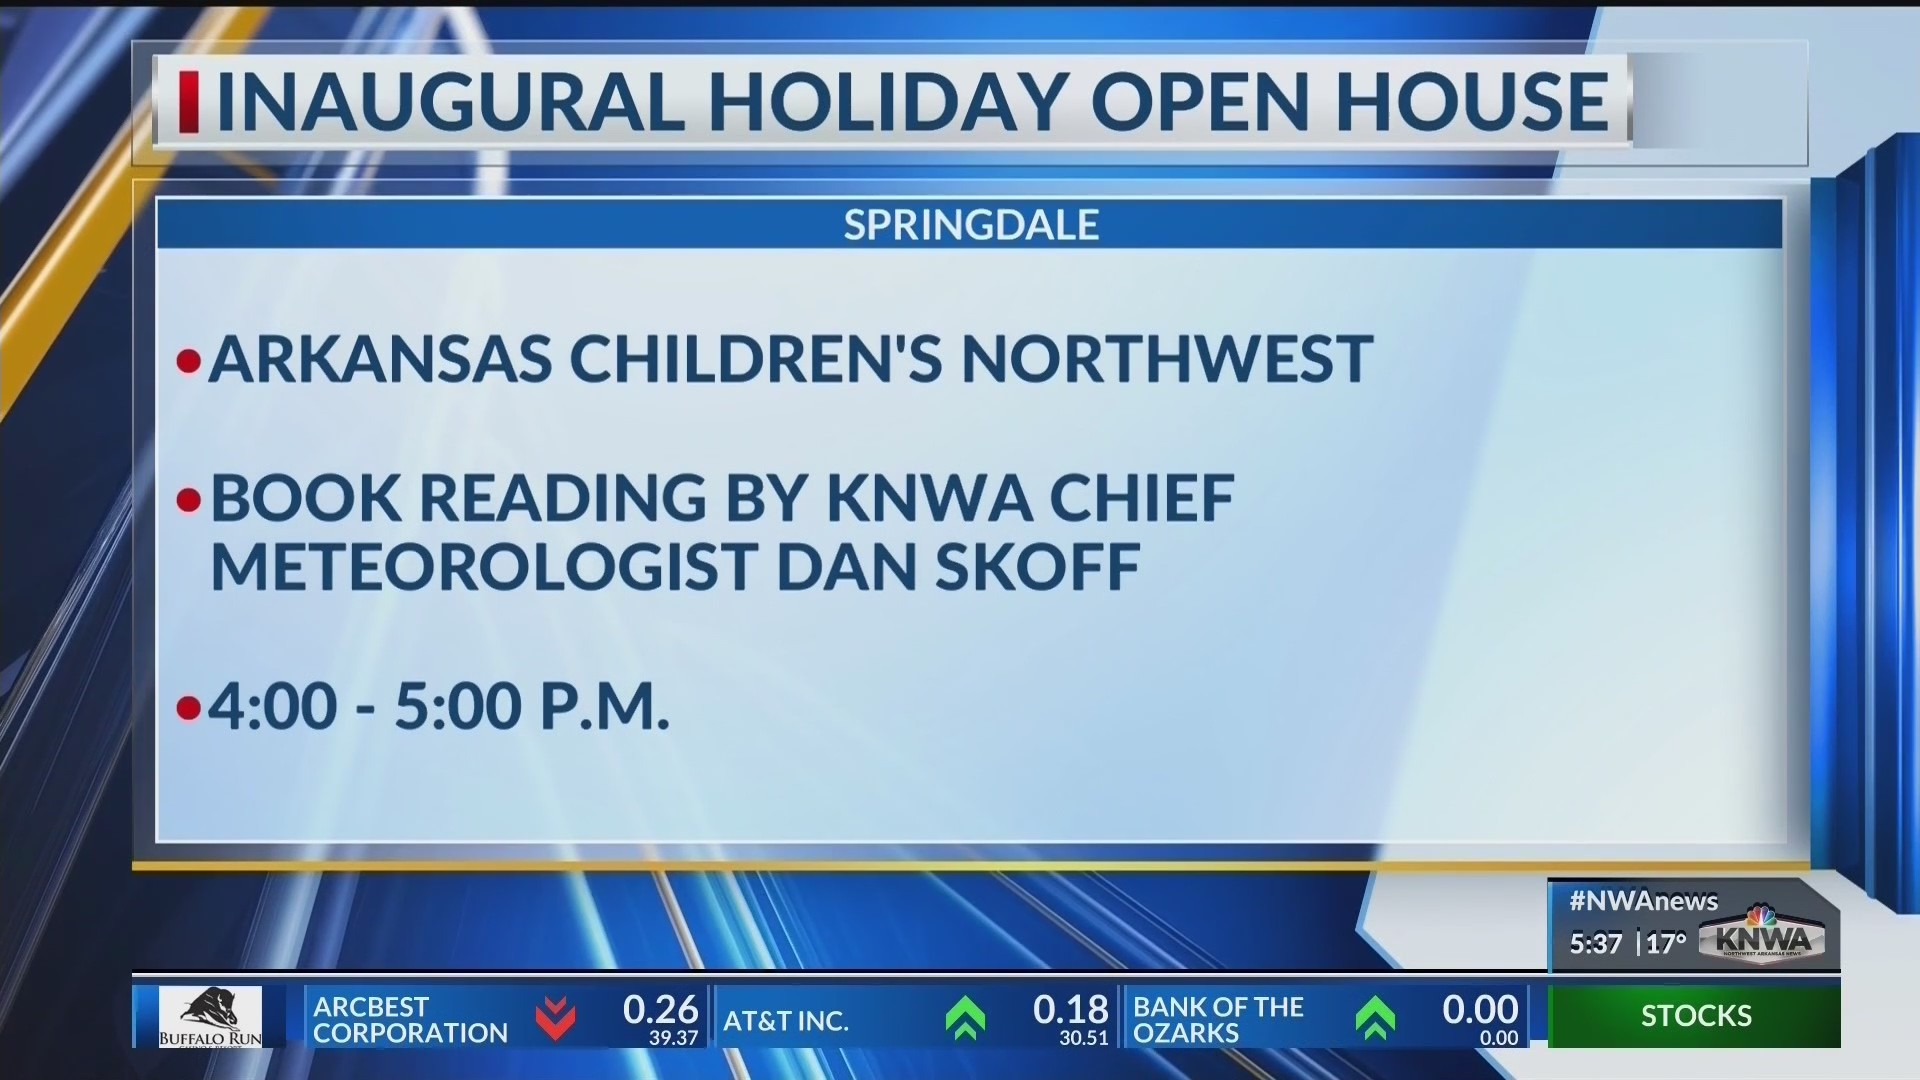 Springdale_Hosting_Inaugural_Holiday_Ope_0_20181115124139